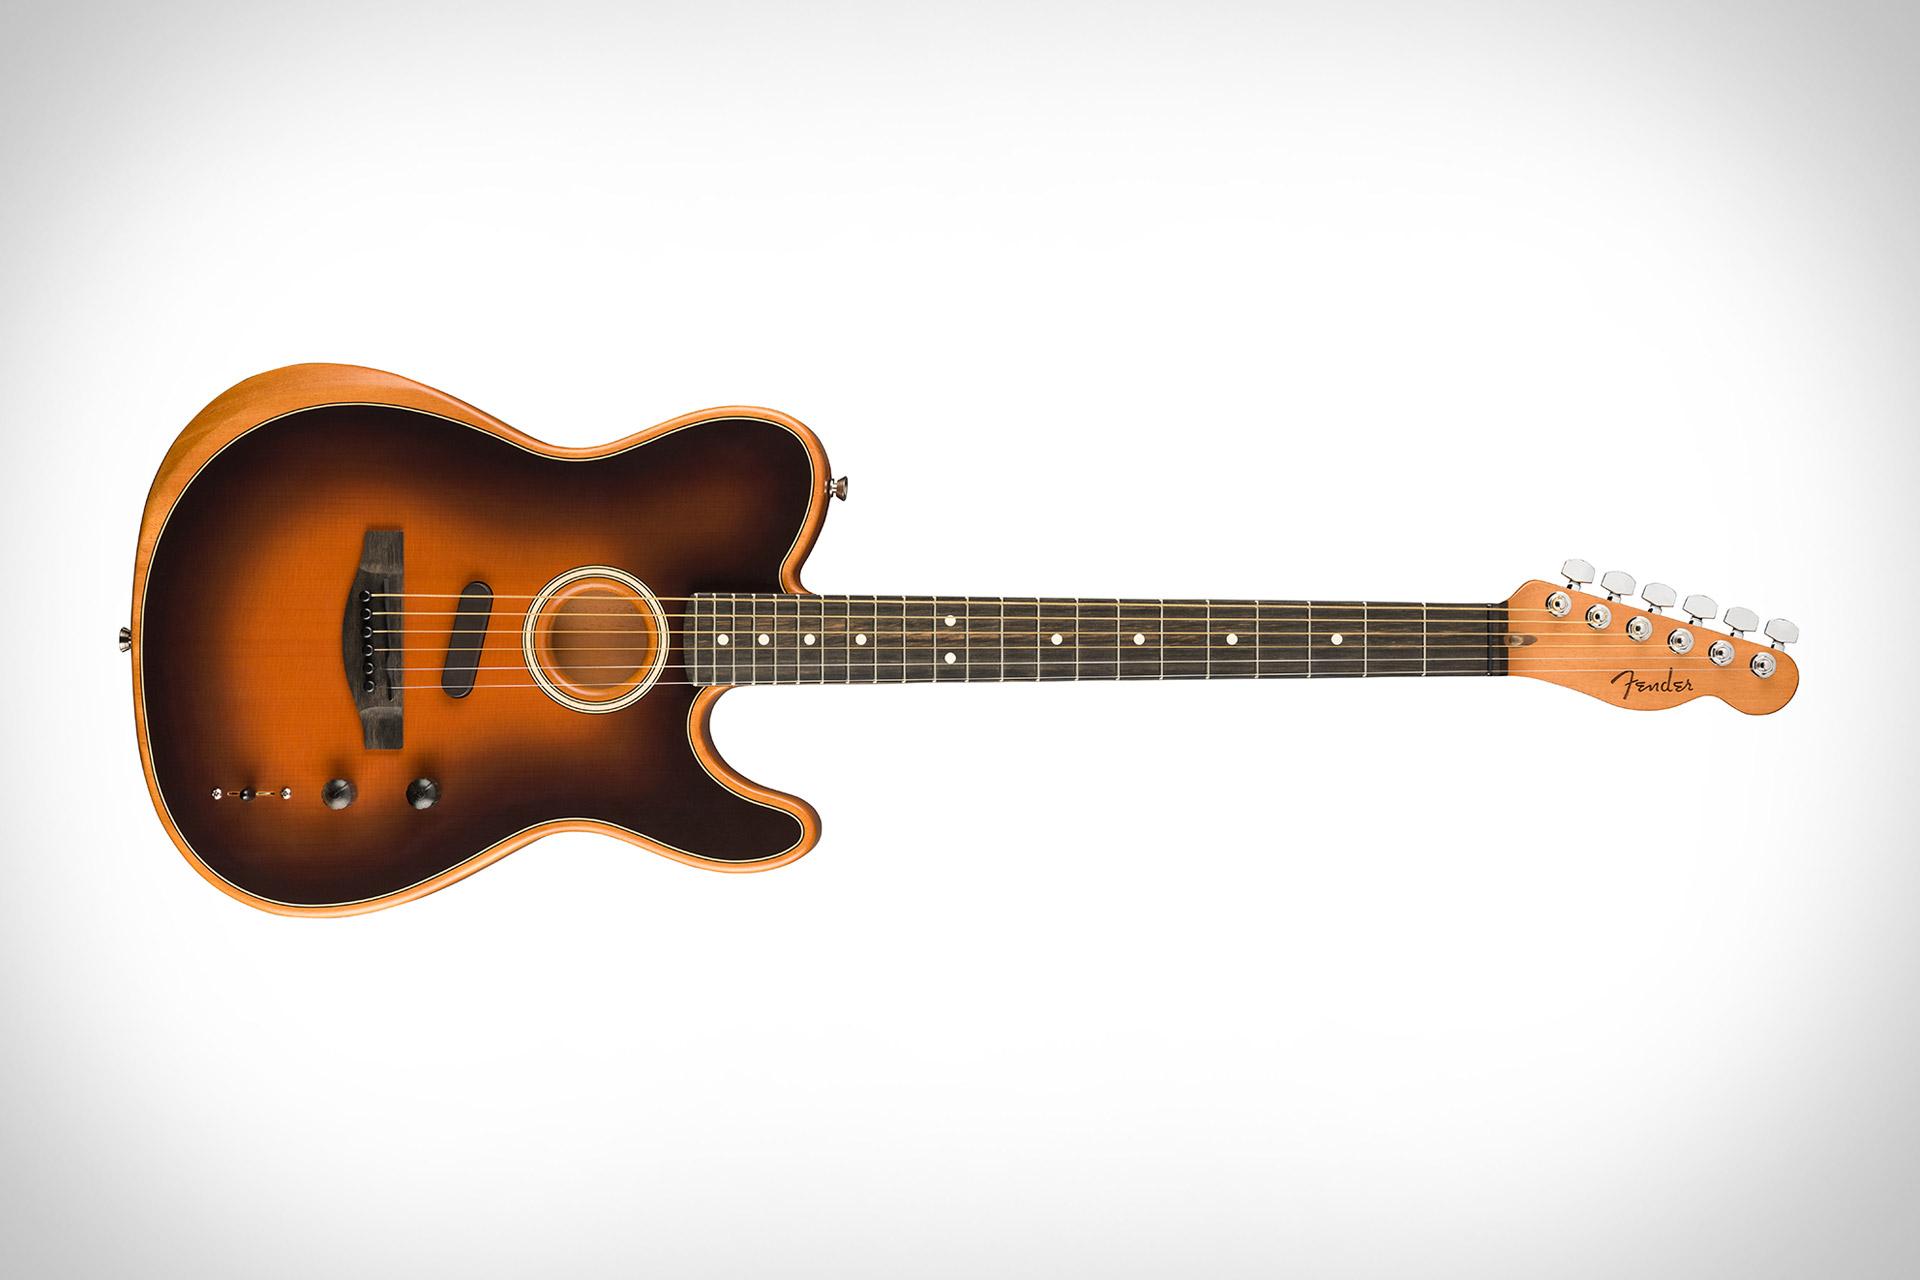 Fender Acoustasonic Telecaster Guitar